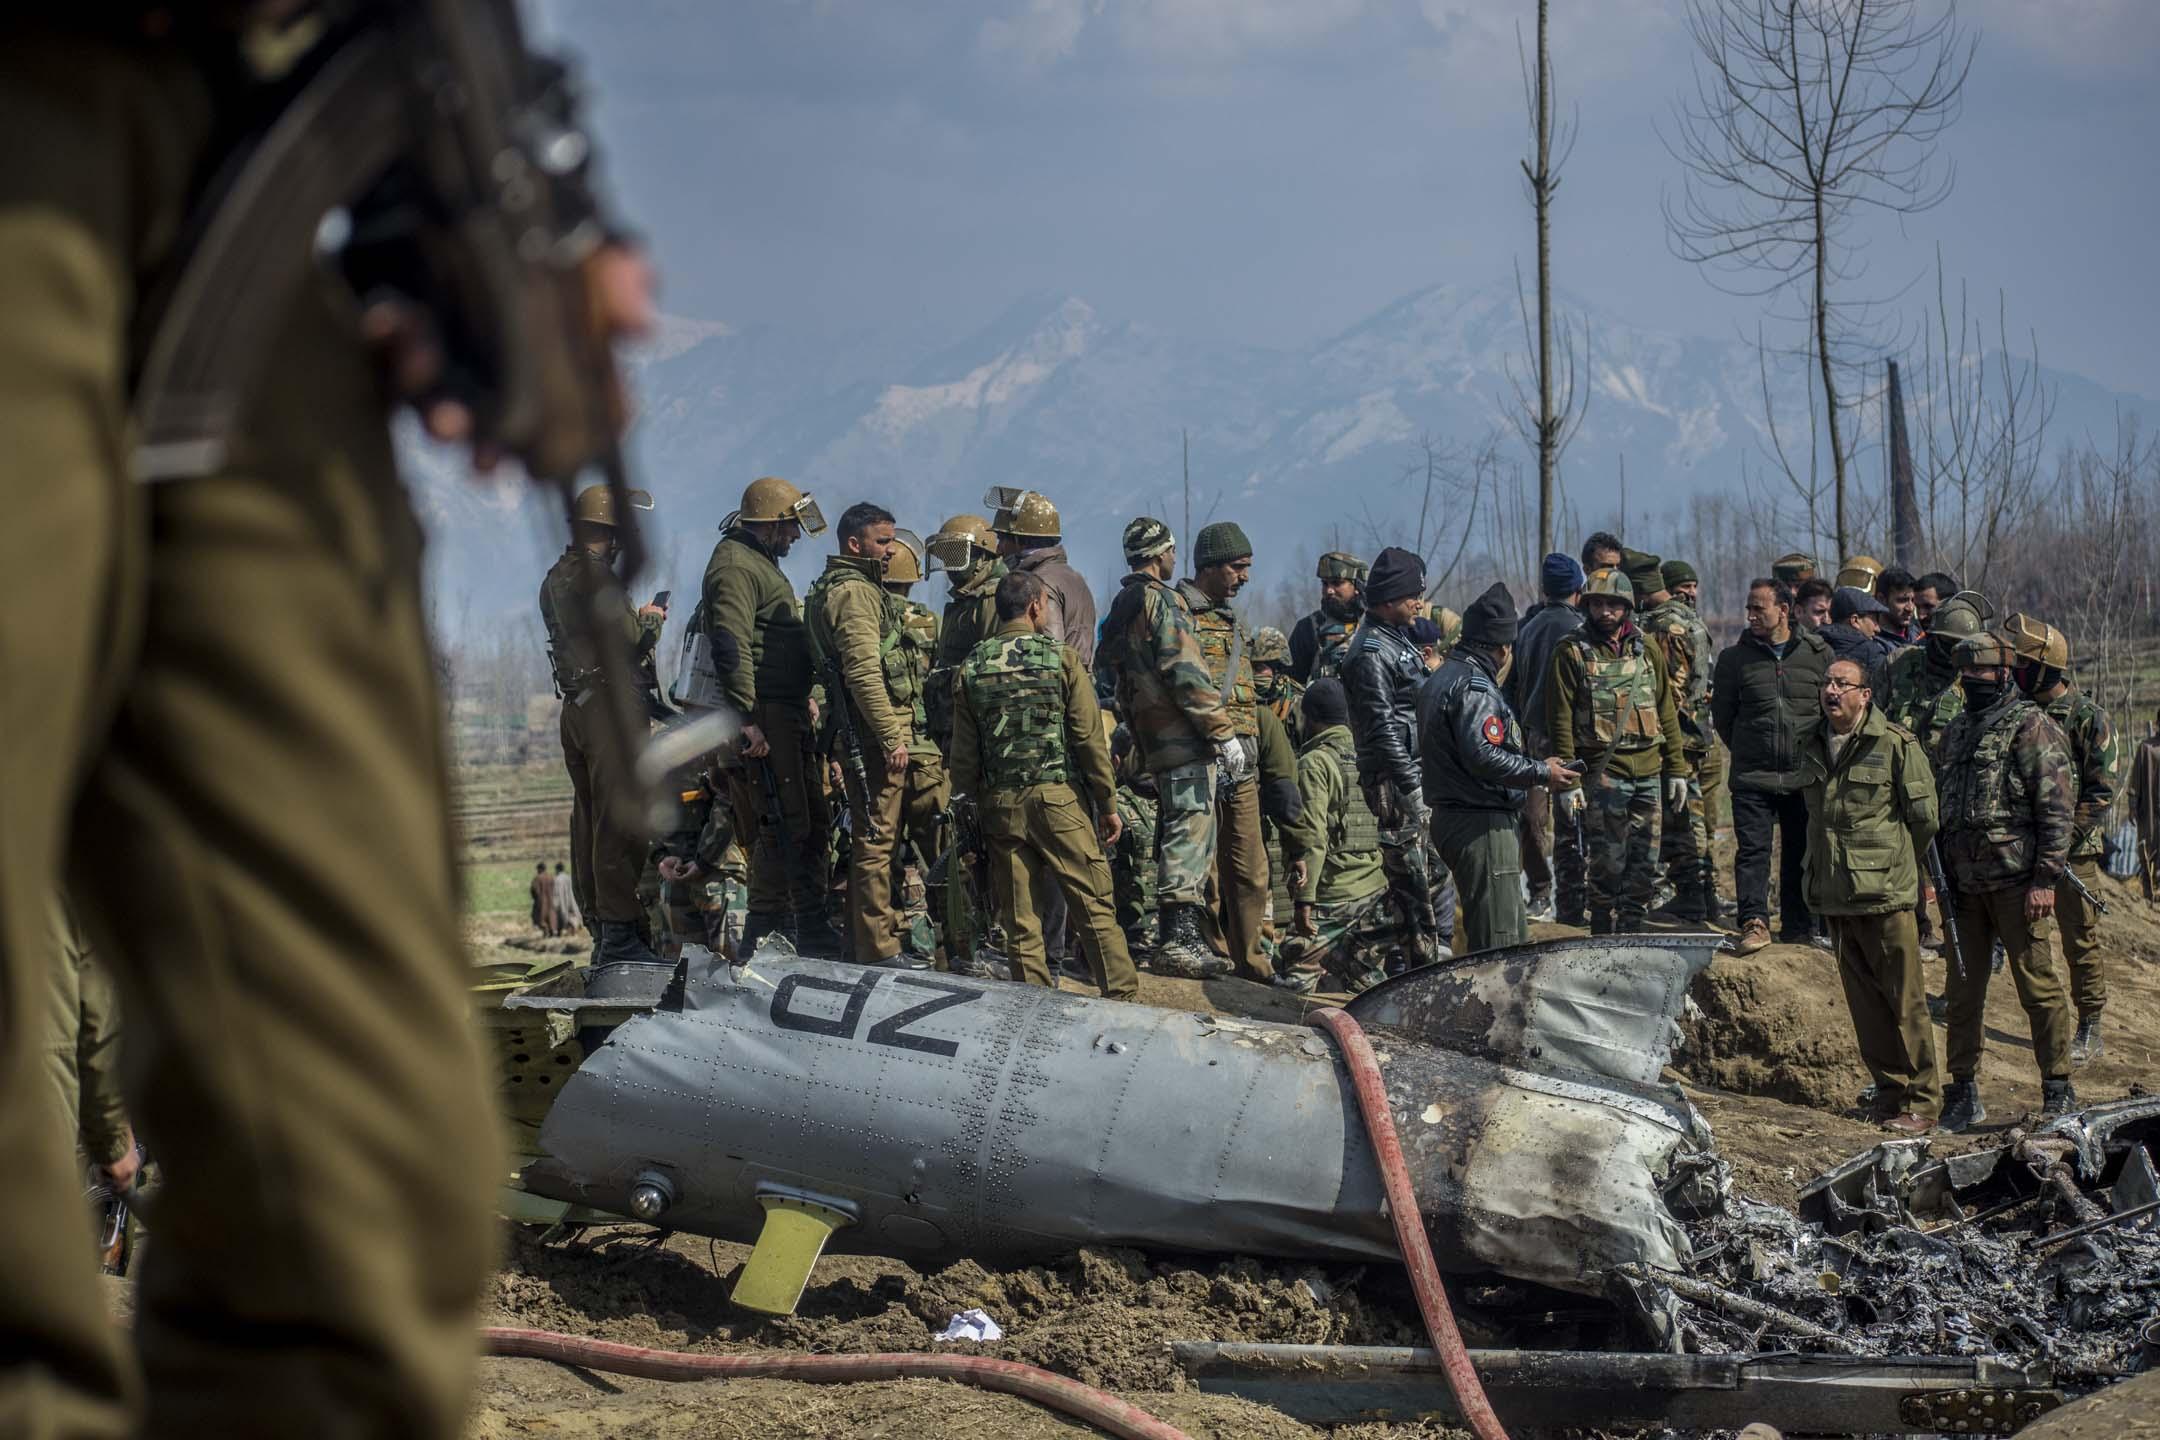 2019年2月27日,印度軍方一架直昇機於印控克什米爾巴德加姆縣墜毁,軍方部隊抵達現場調查事故原因。 攝:Yawar Nazir/Getty Images